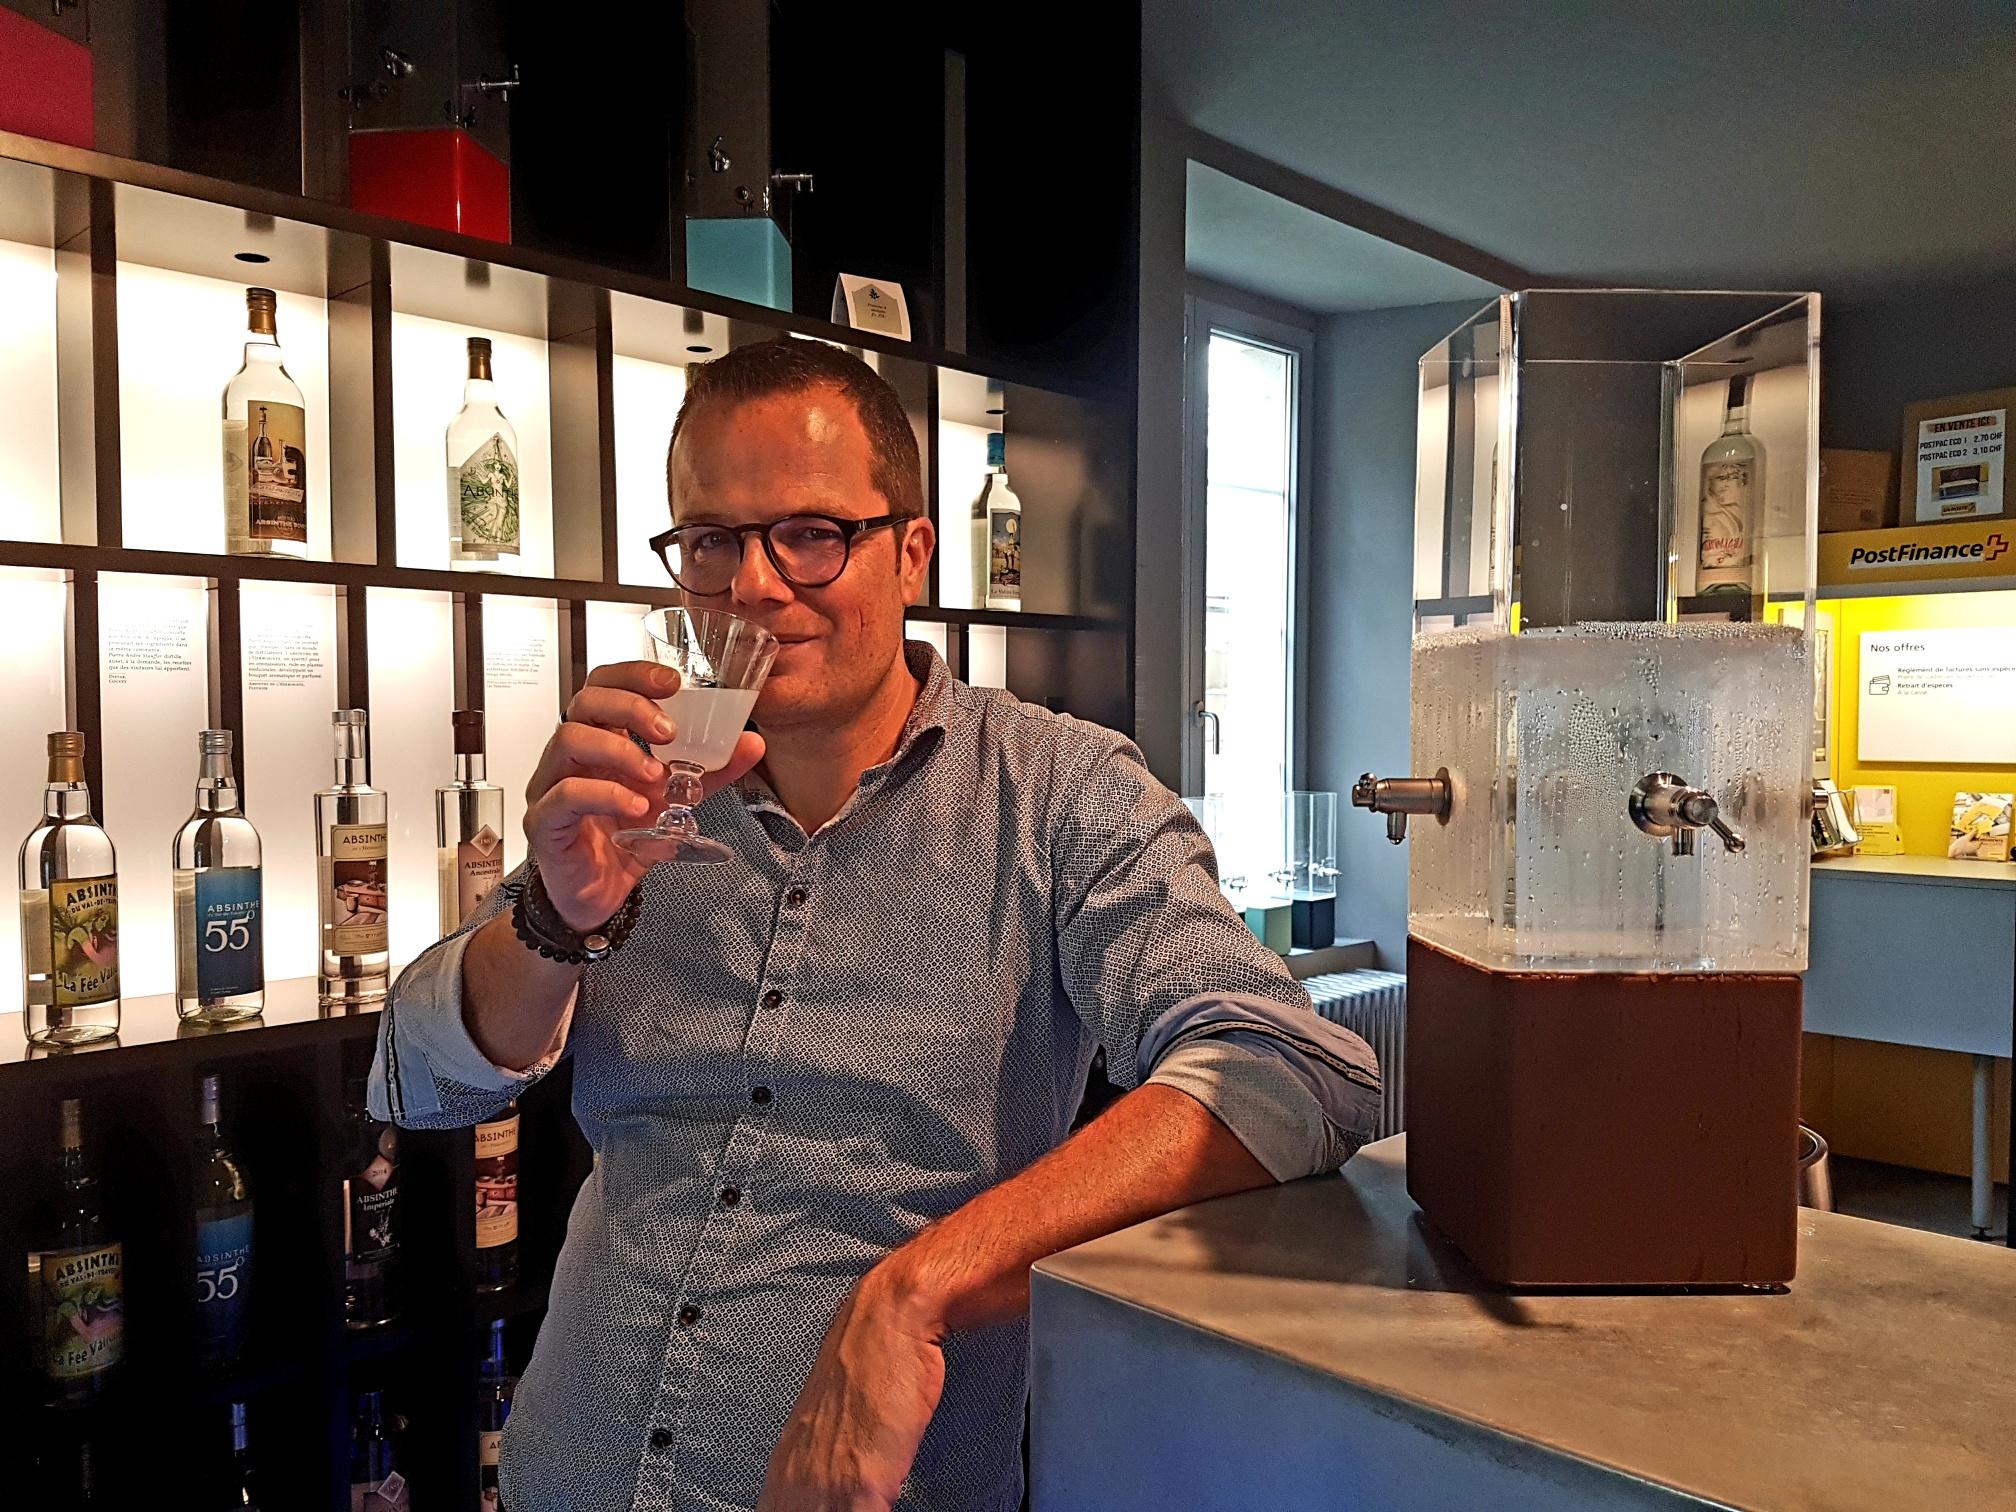 I clienti della filiale sorseggiano volentieri un bicchierino di «bleue» all'ora dell'aperitivo.